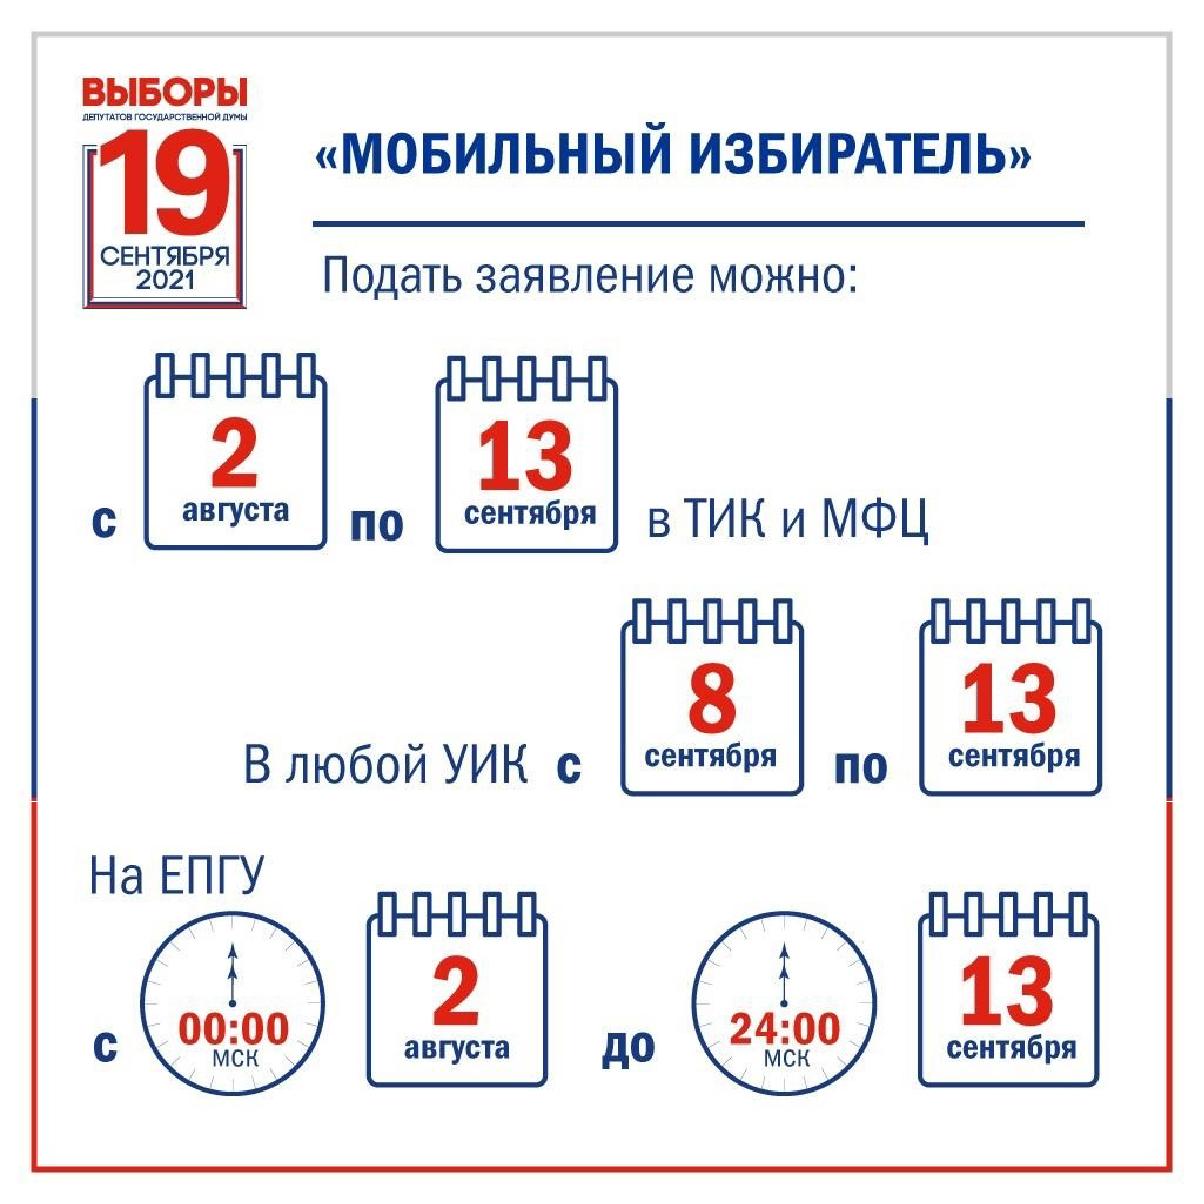 """С помощью технологии """"Мобильный избиратель"""" граждане смогут проголосовать на выборах не по месту регистрации, а по месту нахождения."""